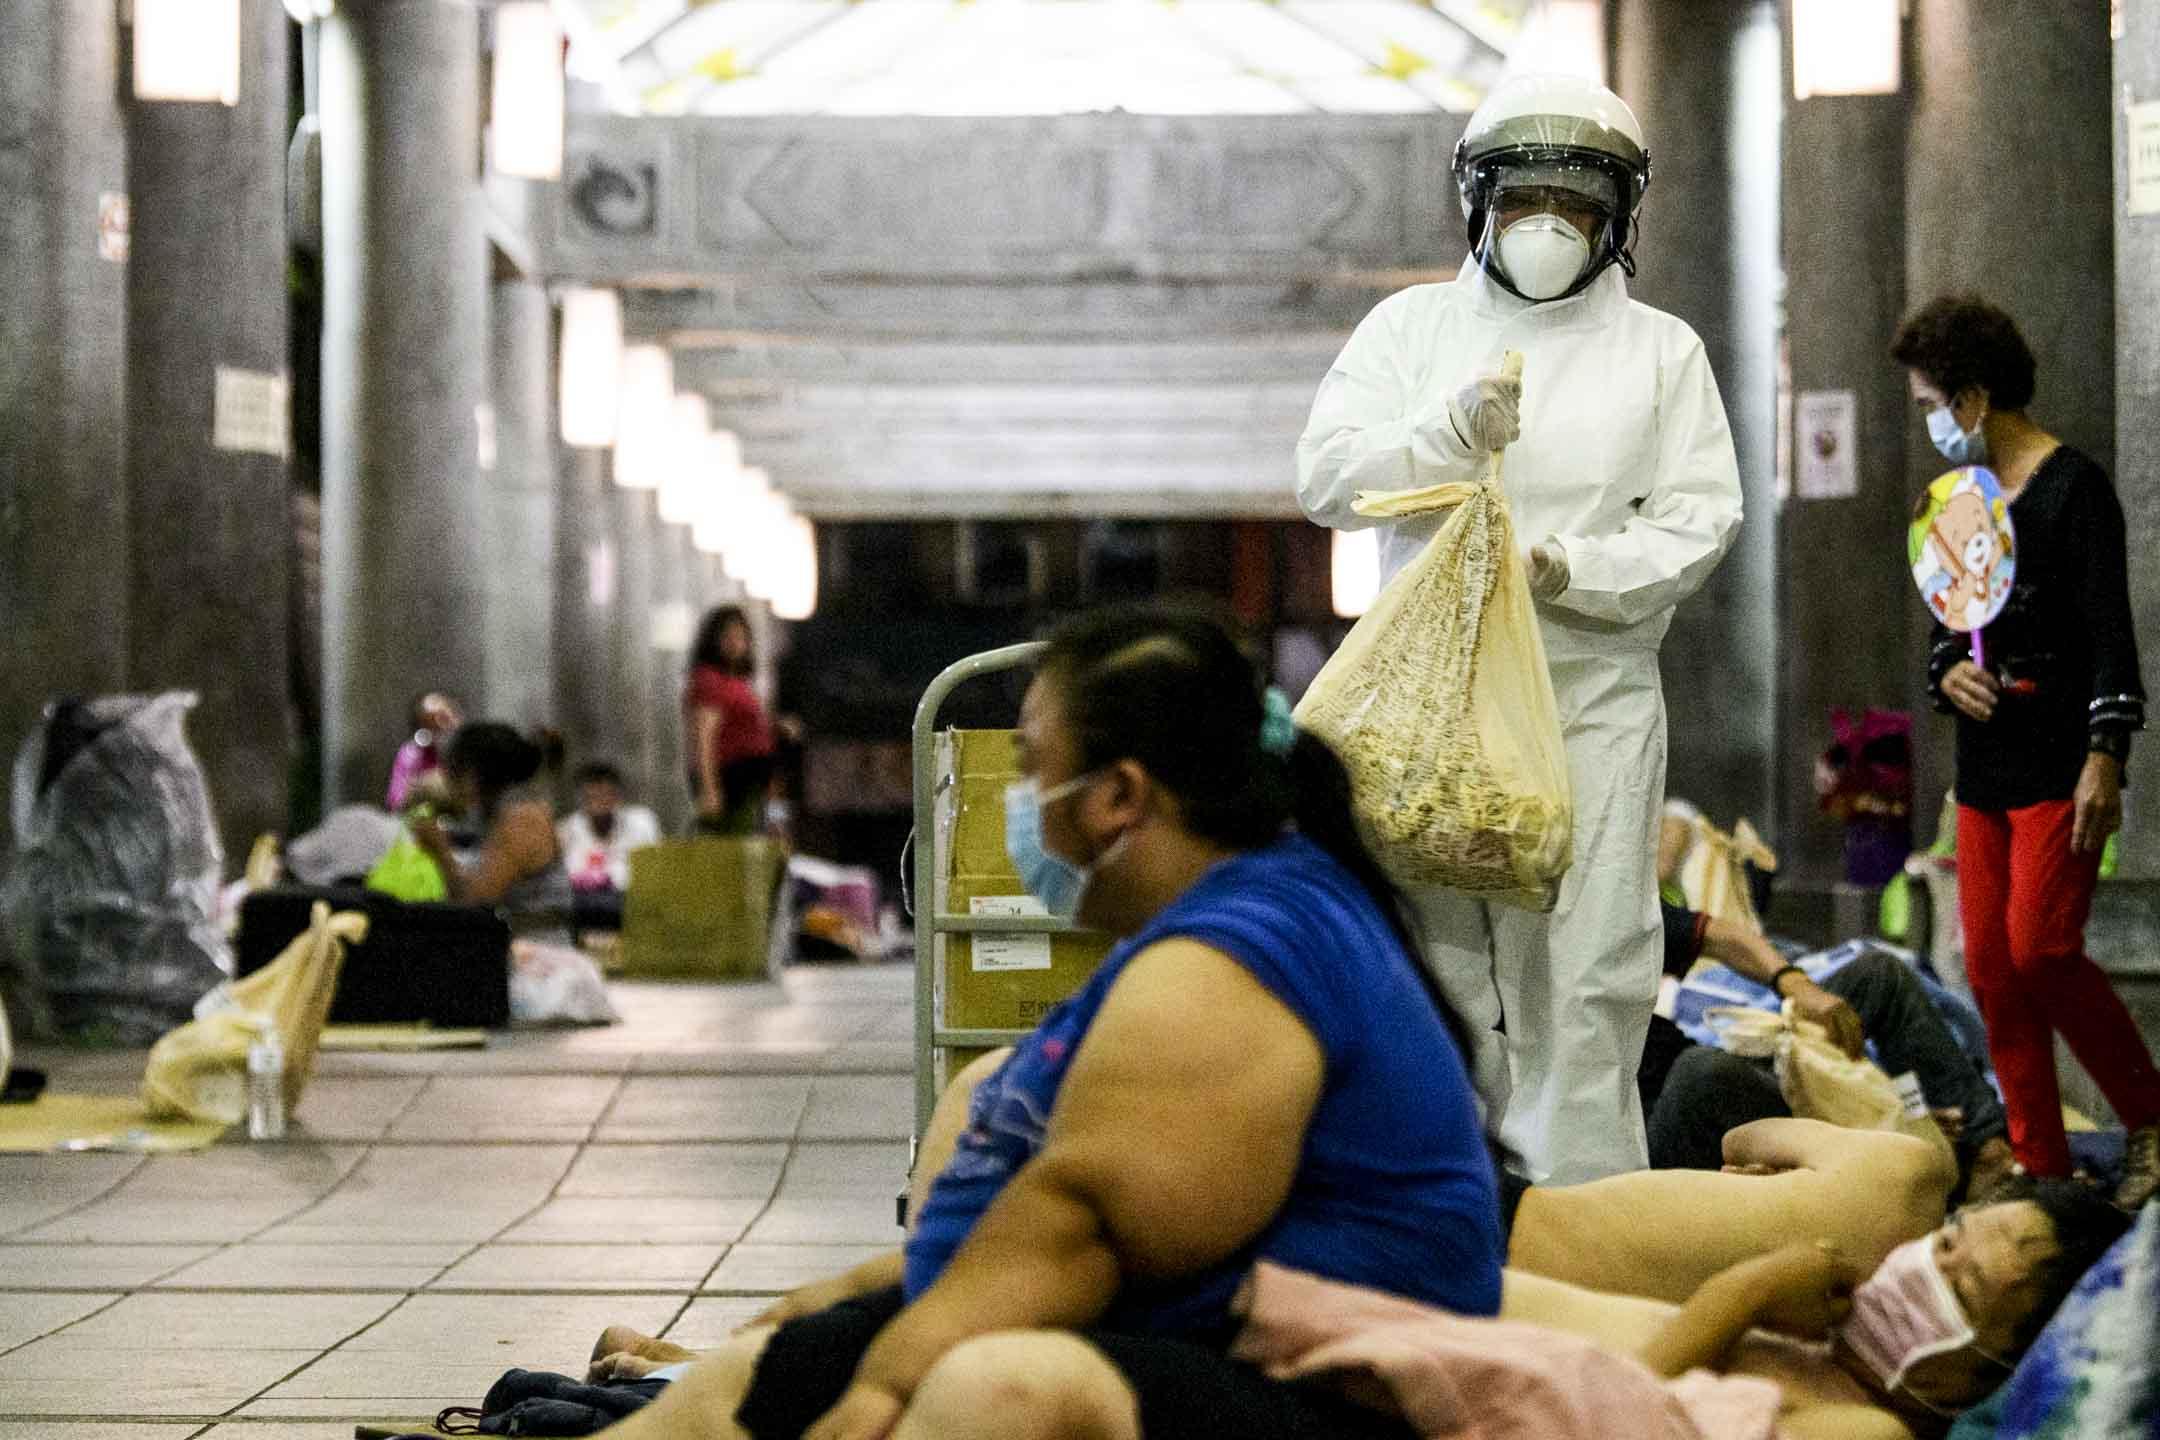 身穿全套防護衣的NGO芒草心社工為艋舺公園街友發放防疫物資包。 攝:李昆翰/端傳媒